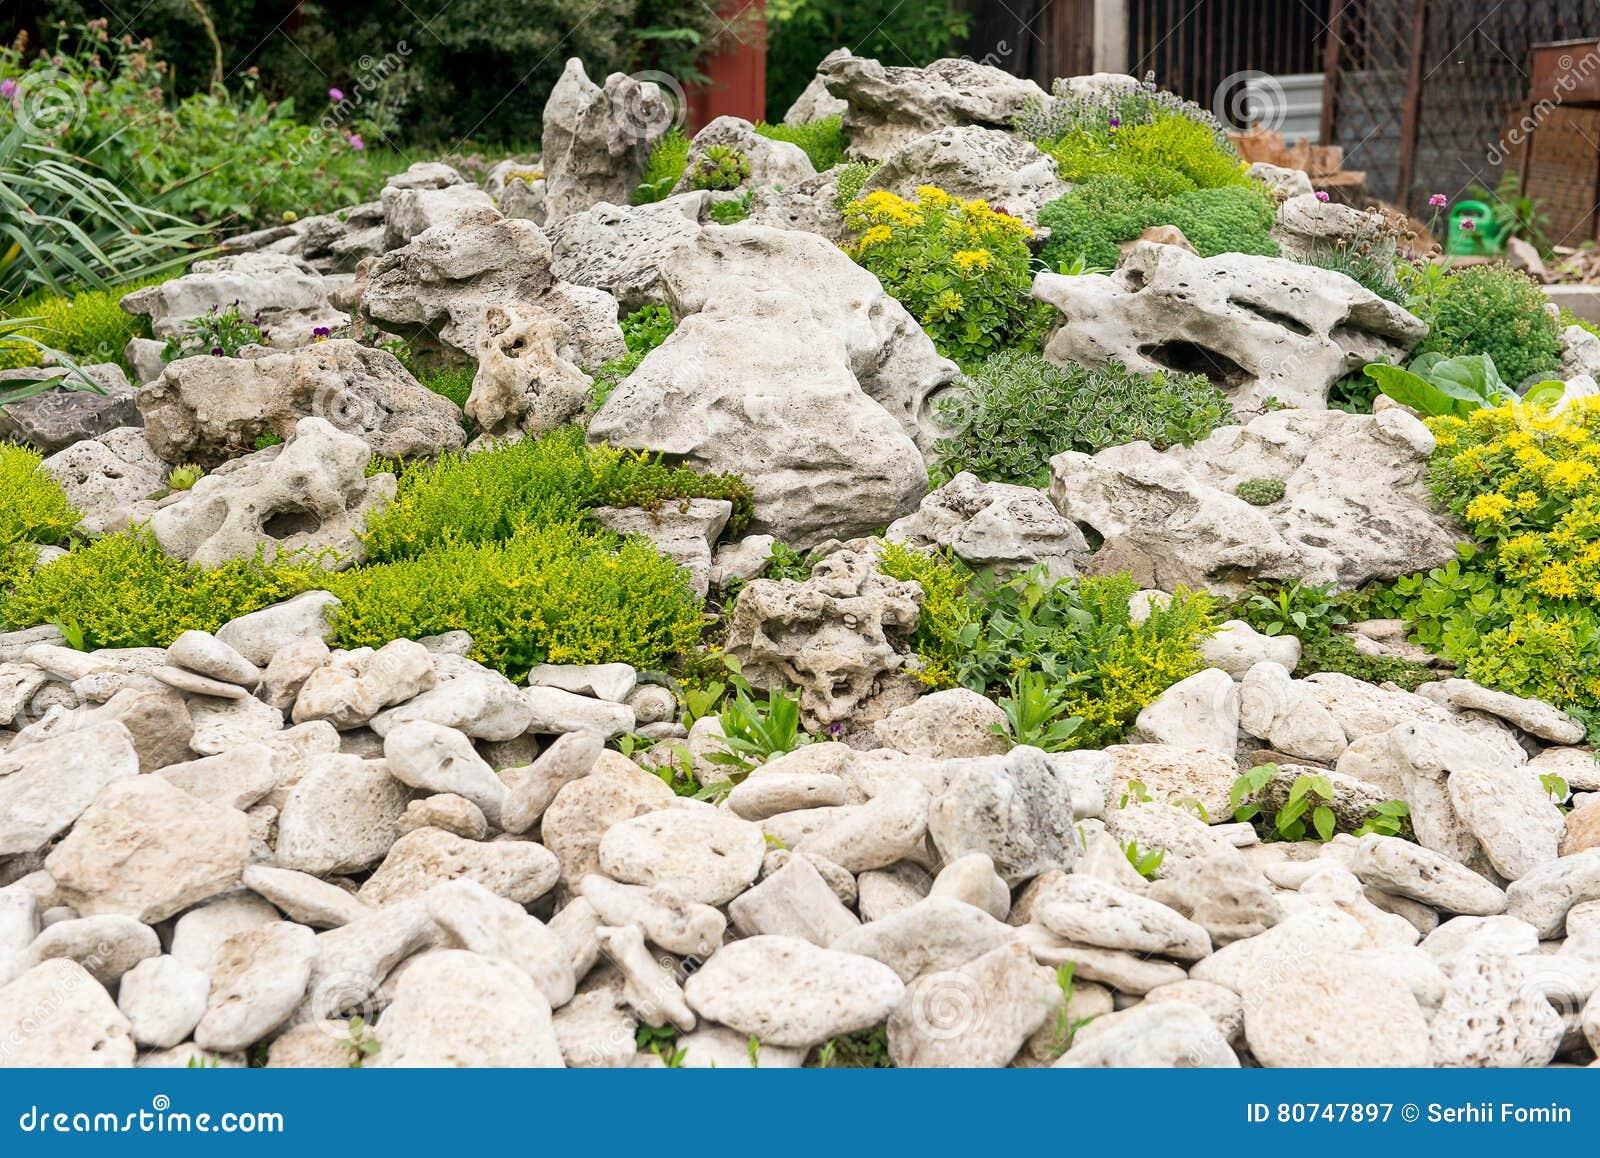 hinterhof mit der fantastischen landschaftsgestaltung patio zaun und hochbeet trockenfeste. Black Bedroom Furniture Sets. Home Design Ideas